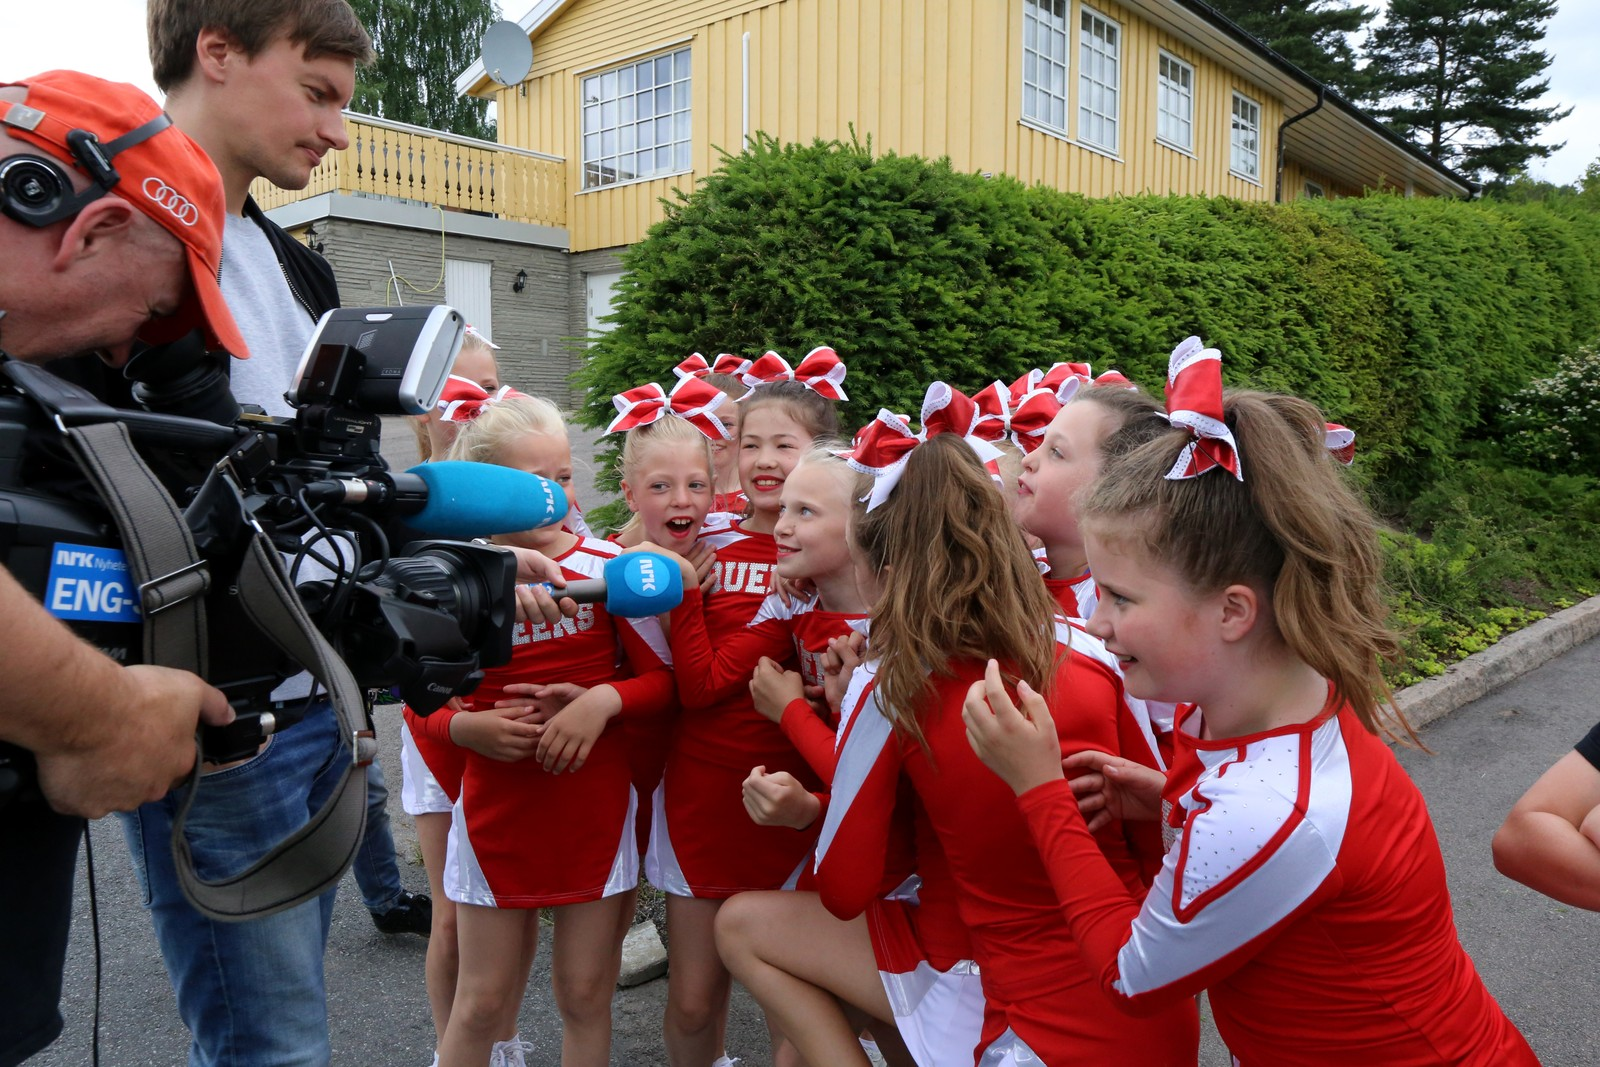 STARSTRUCK: NRK-reporter Christian Ingebrethsen møter hylende cheerleadere.